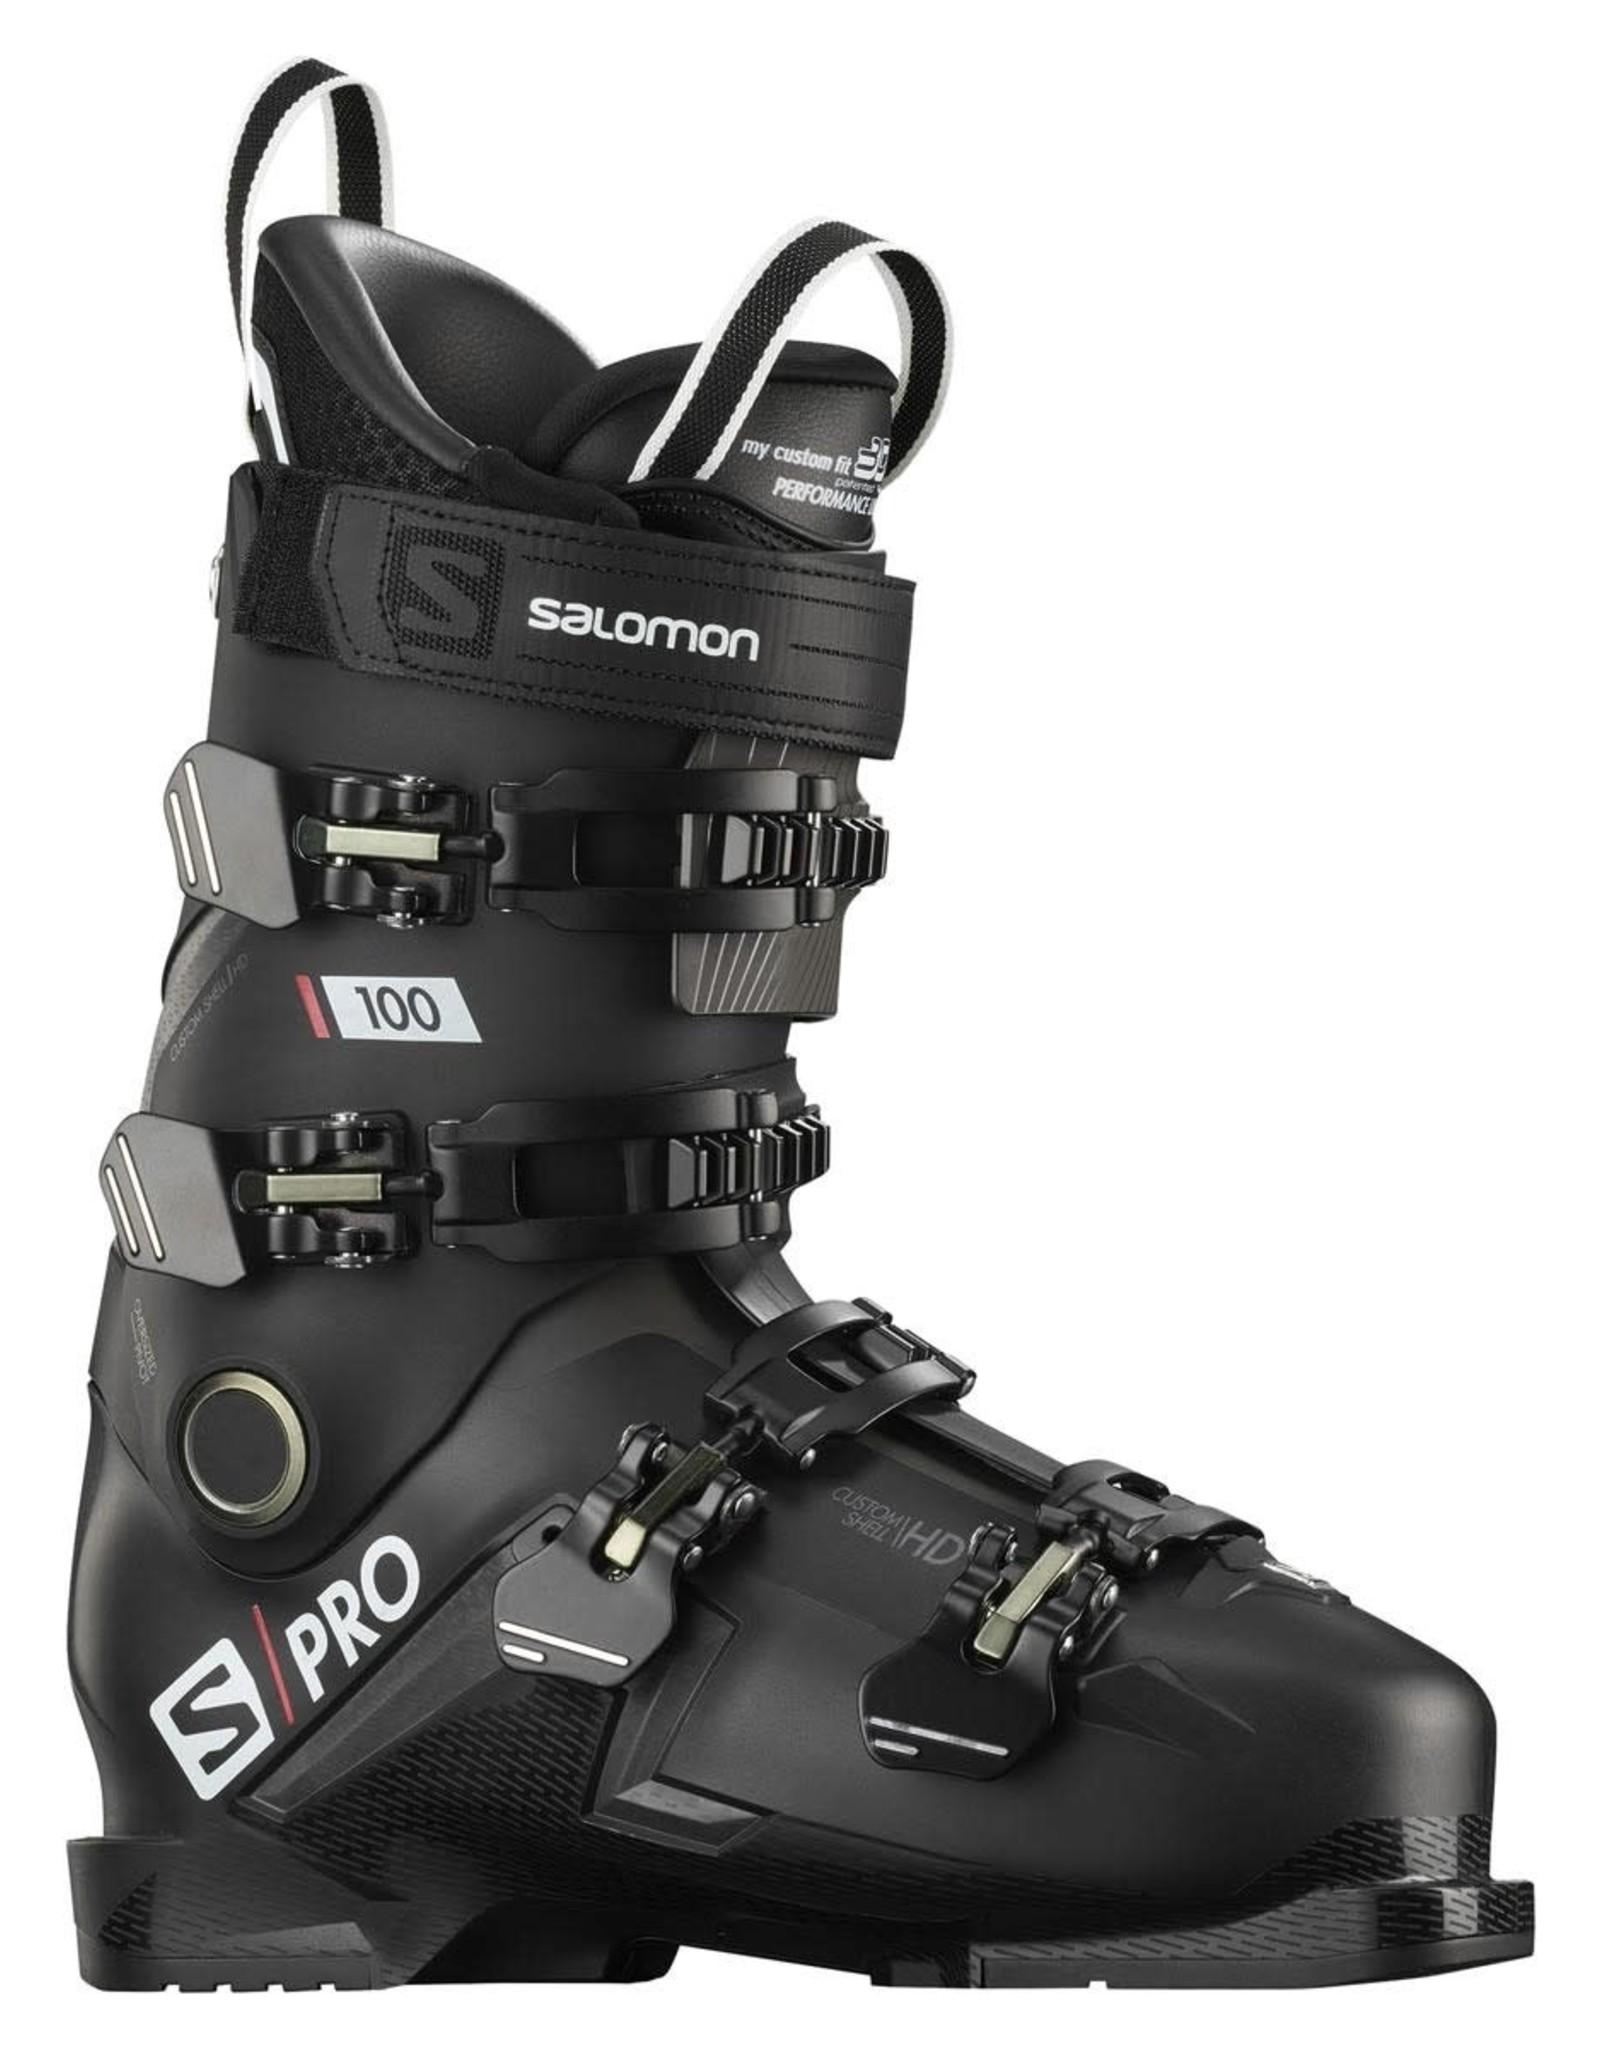 Salomon Salomon Boots S/PRO 100 Black/Belluga/Red Size 25/25.5